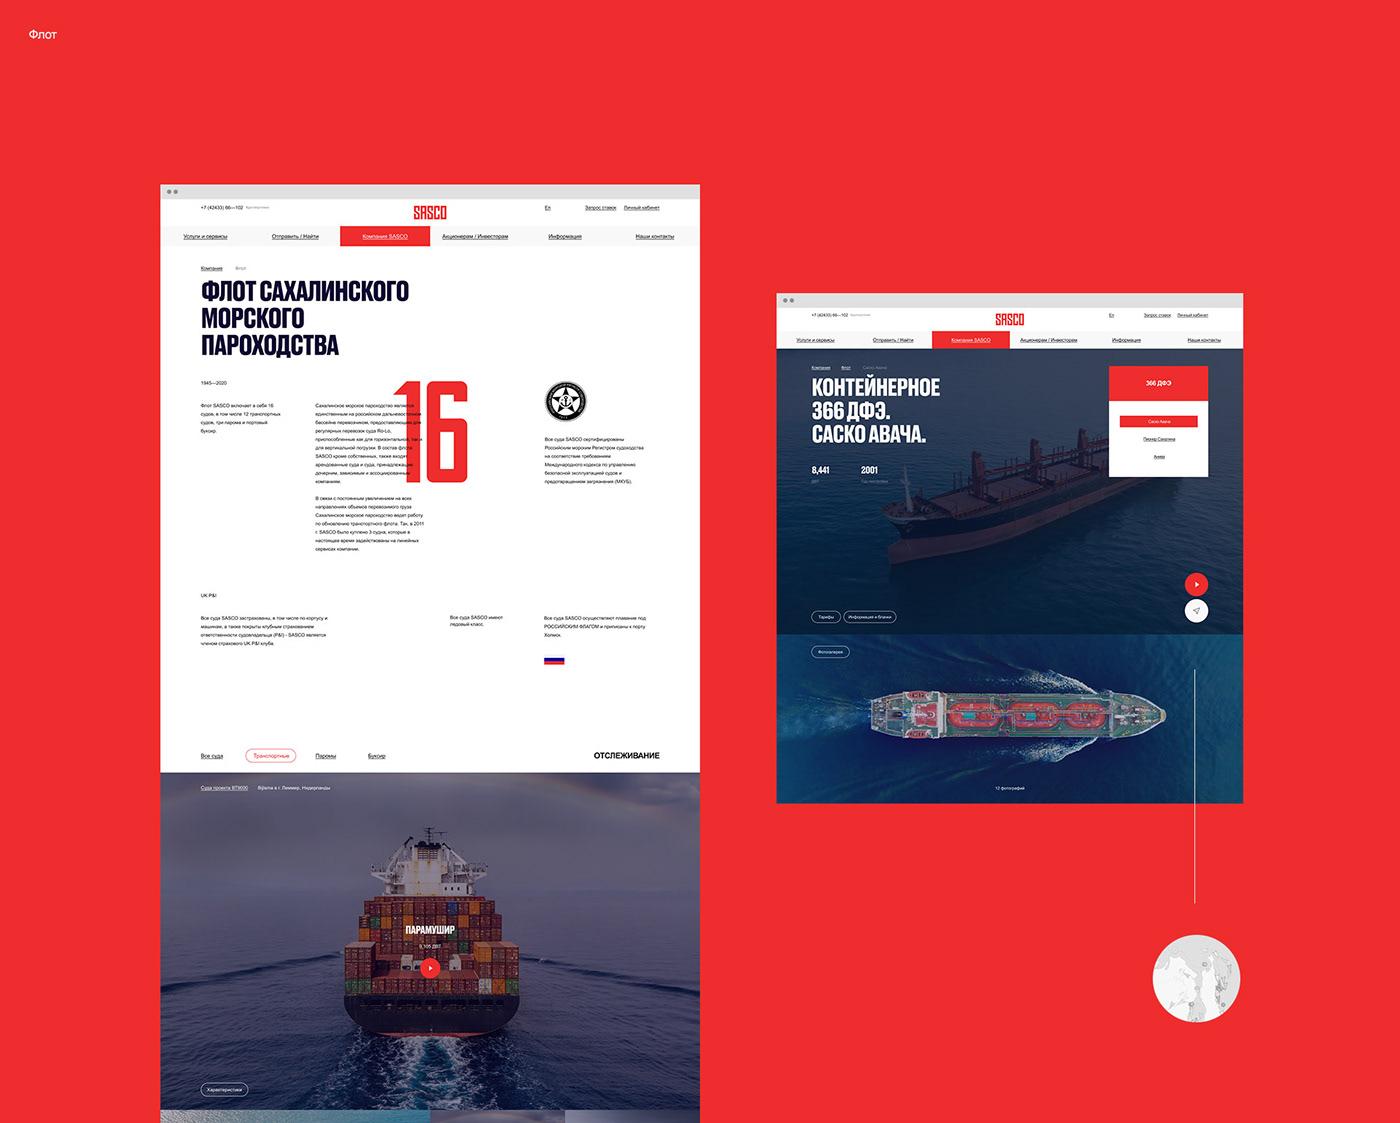 Cargo corporate desktop ferry minimal mobile promo Russia Web Website